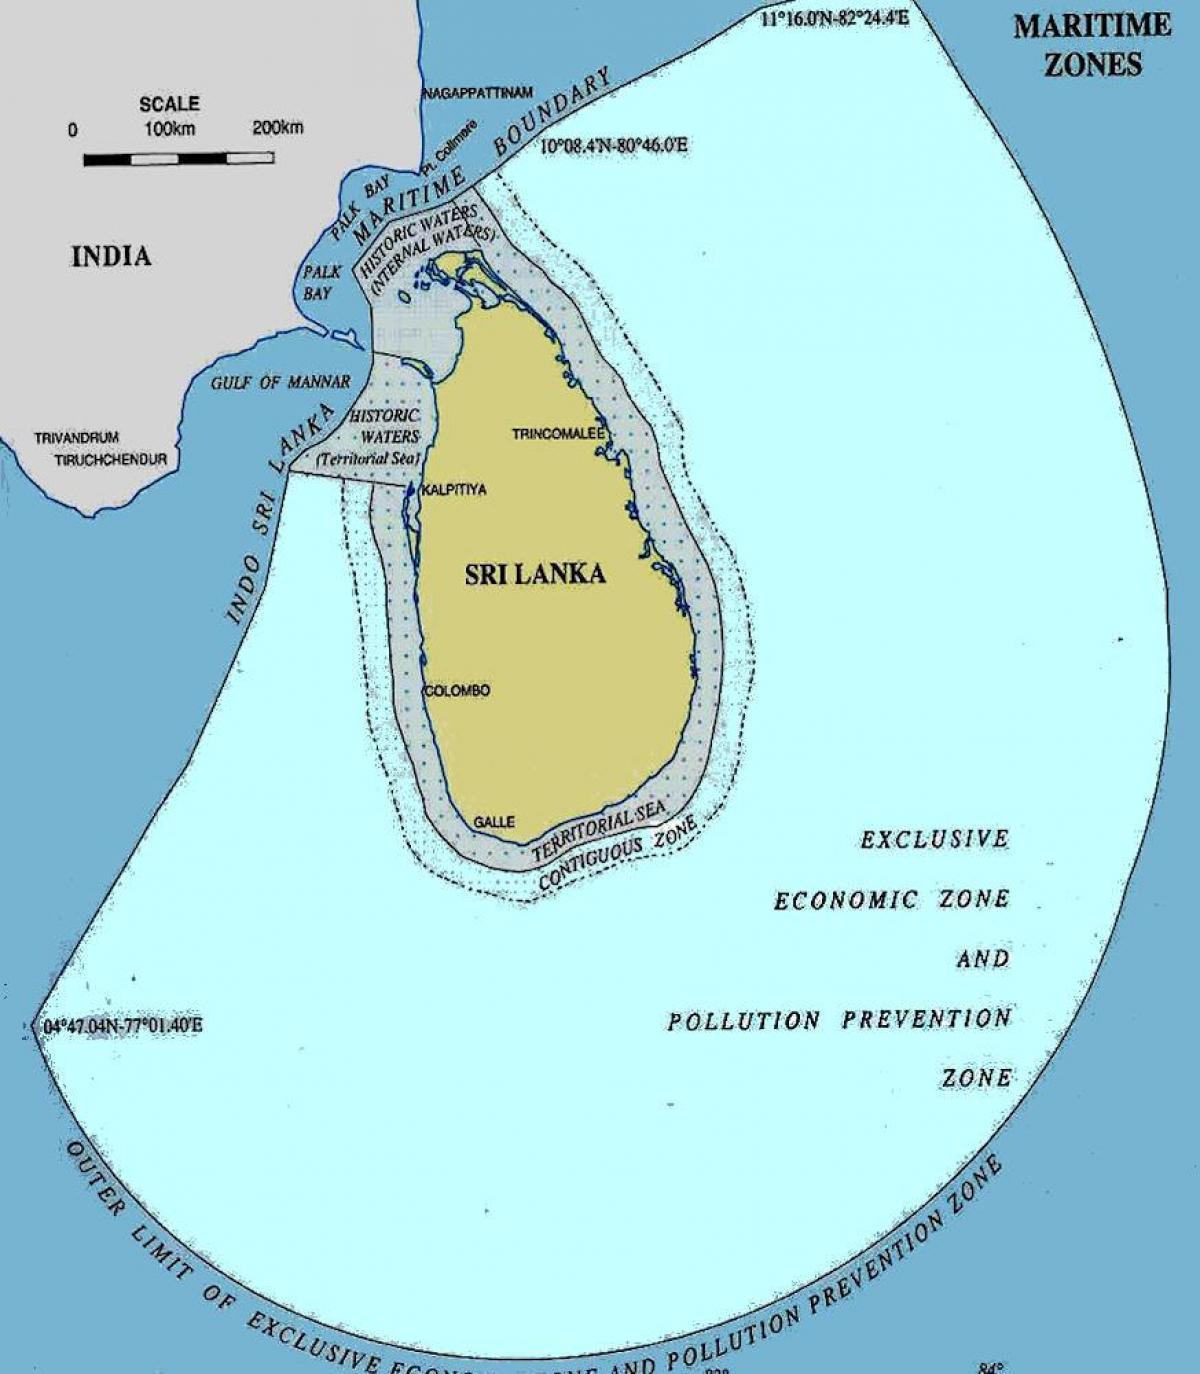 Sri Lanka Havet Kort Kort Over Sri Lanka Over Havet Det Sydlige